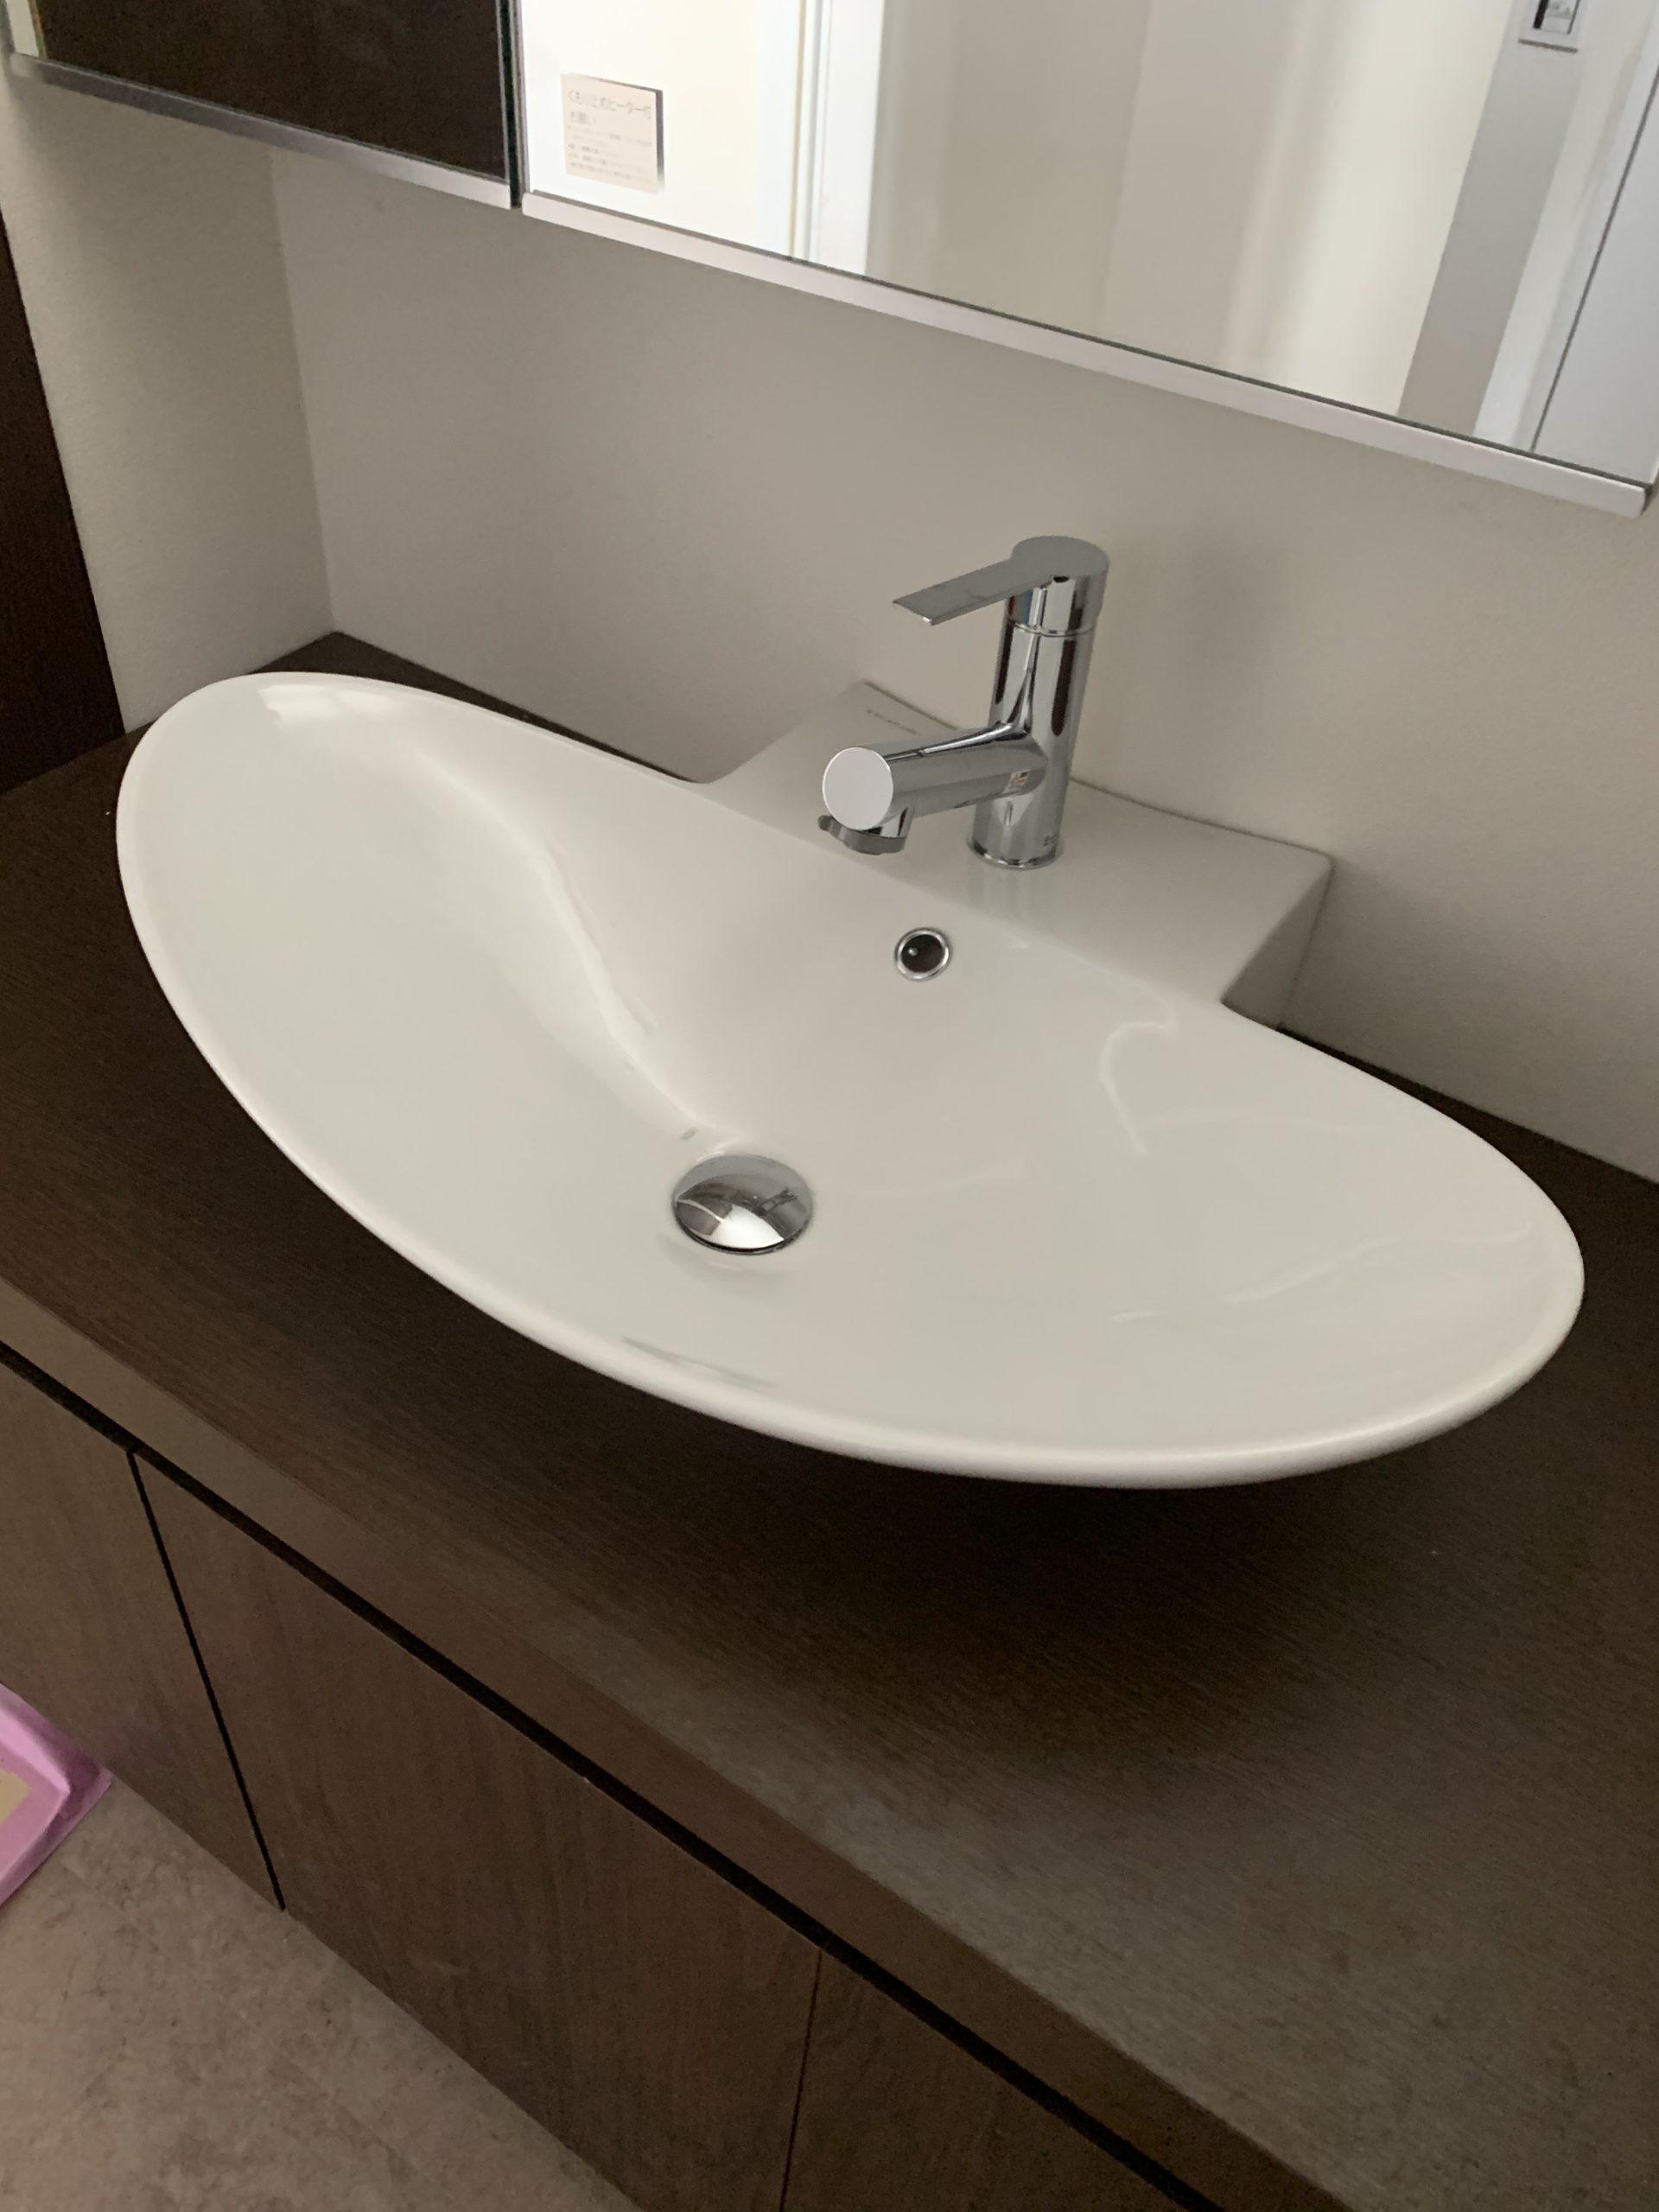 愛知県名古屋市 トイレ 陶器の手洗い サンワカンパニー製 ゼフェロ50R